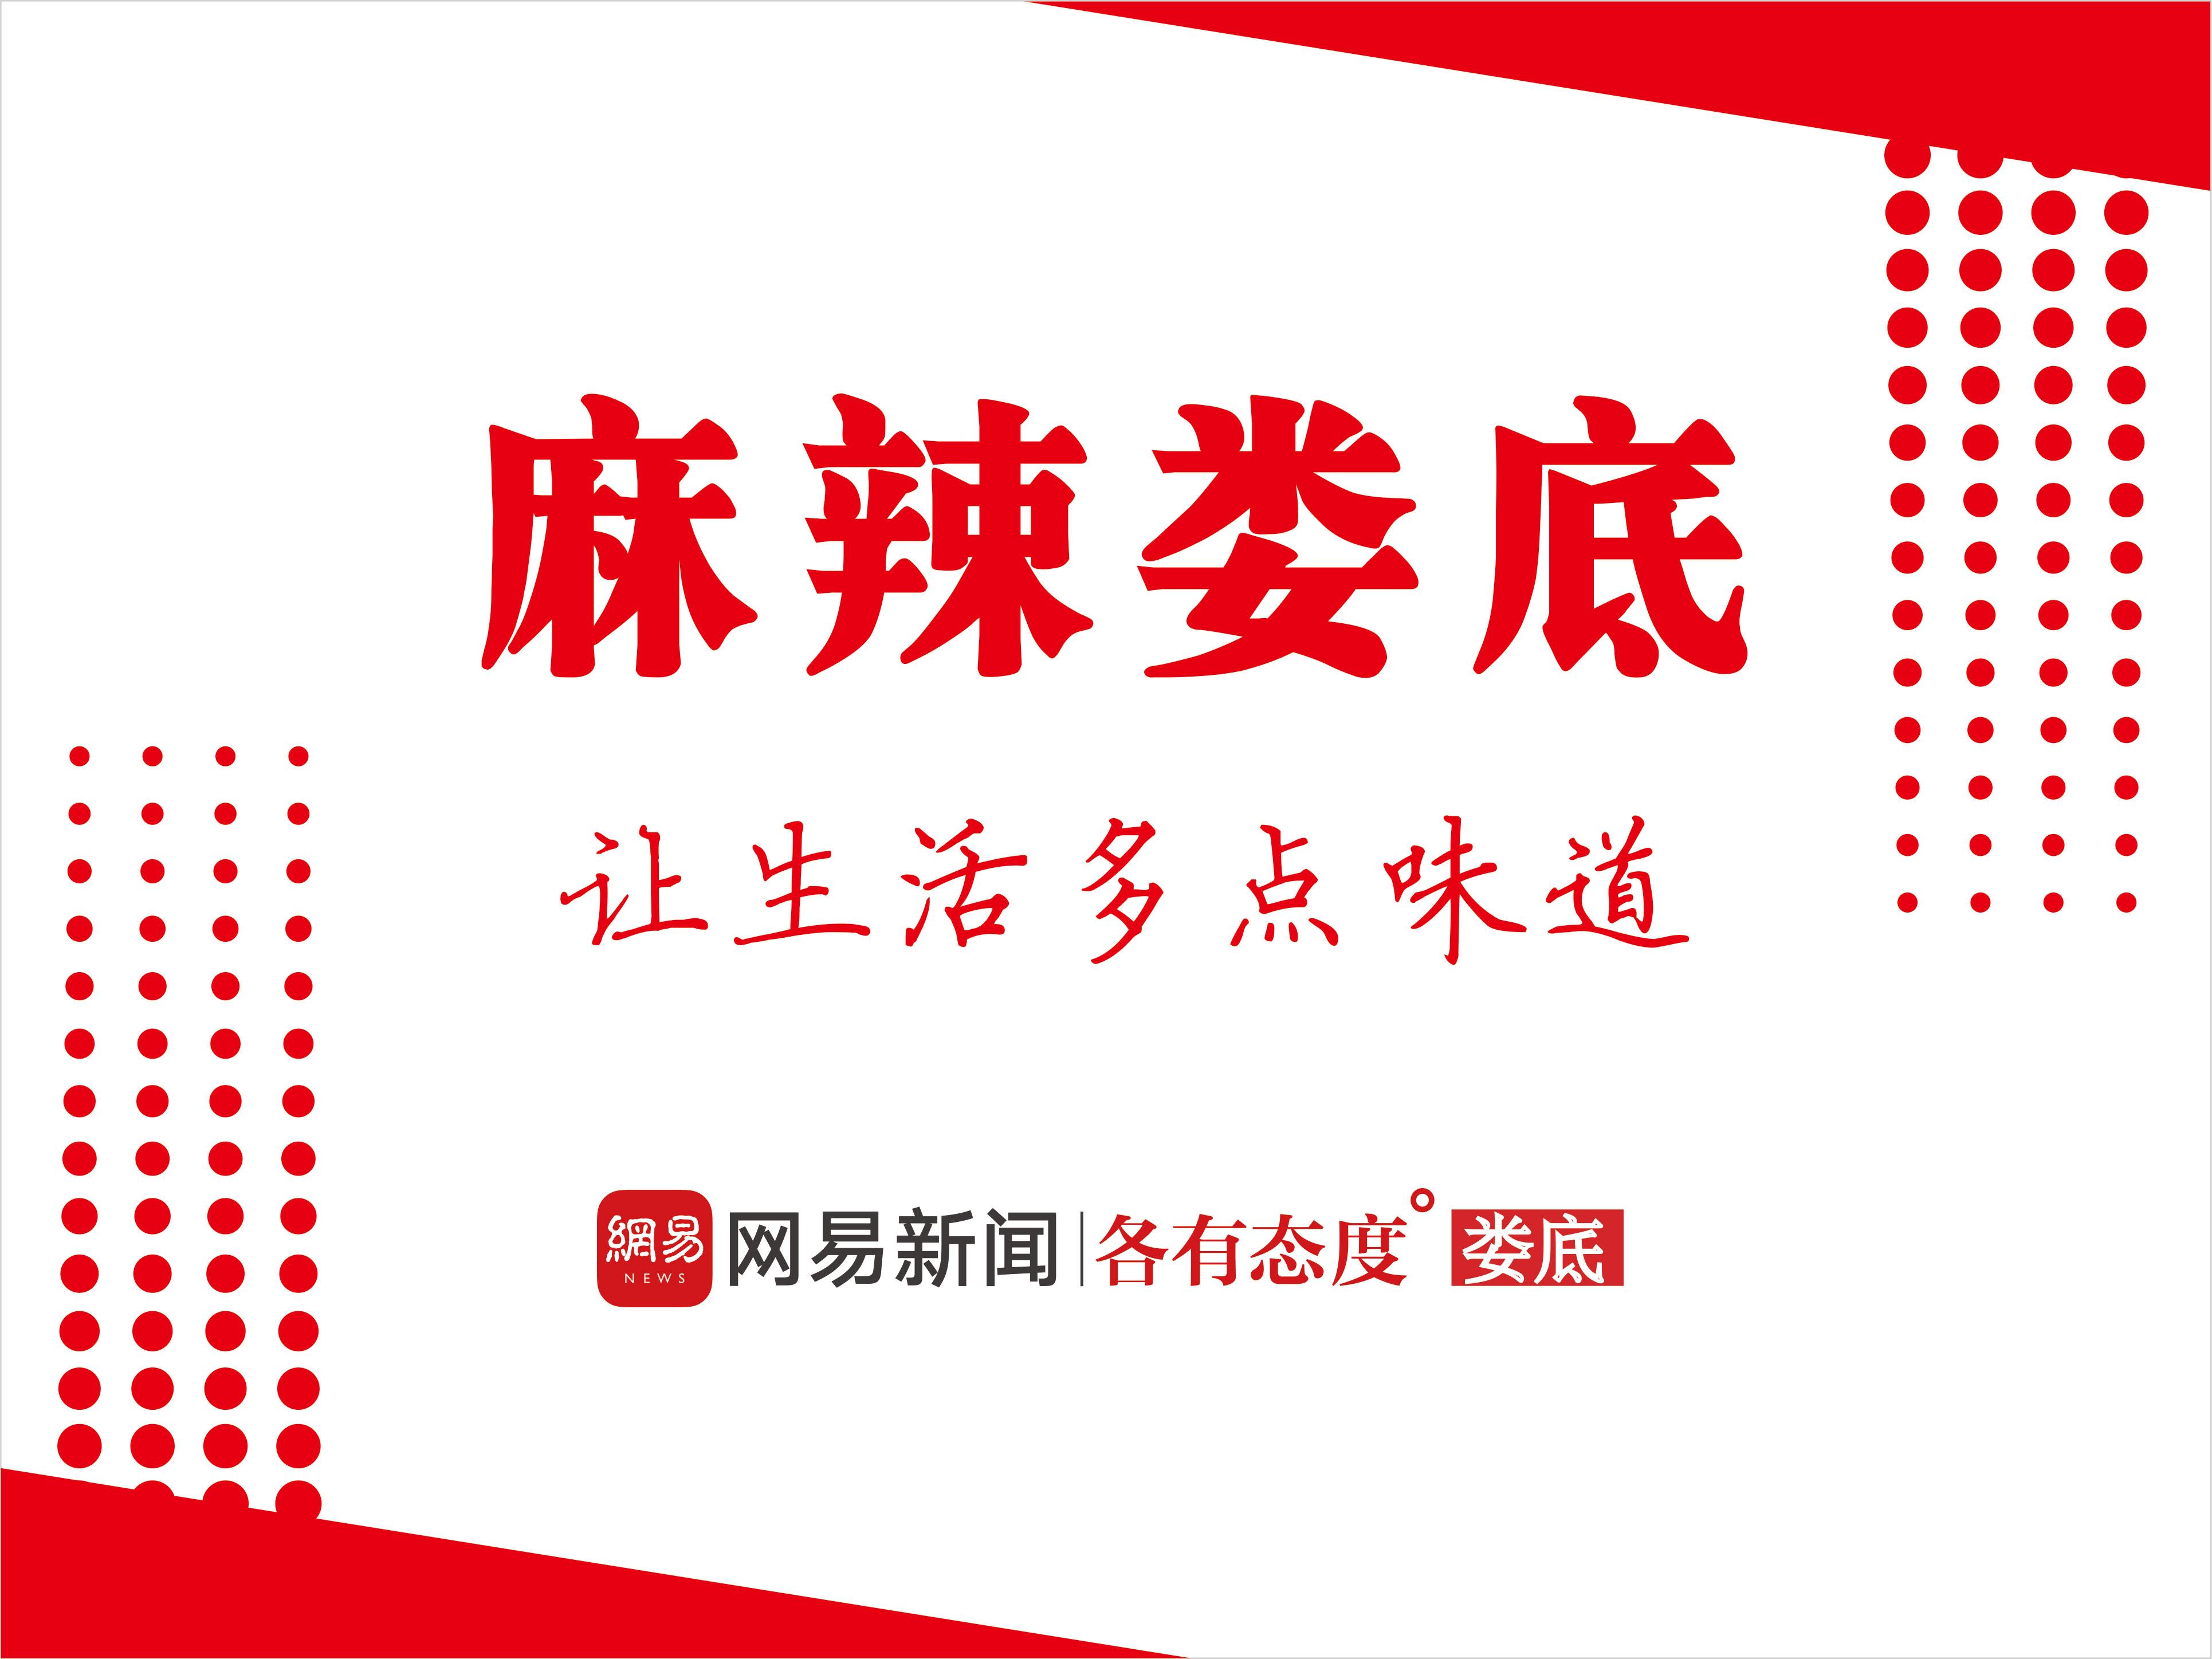 2019娄底两会丨政协工作报告解读|1月9日麻辣娄底